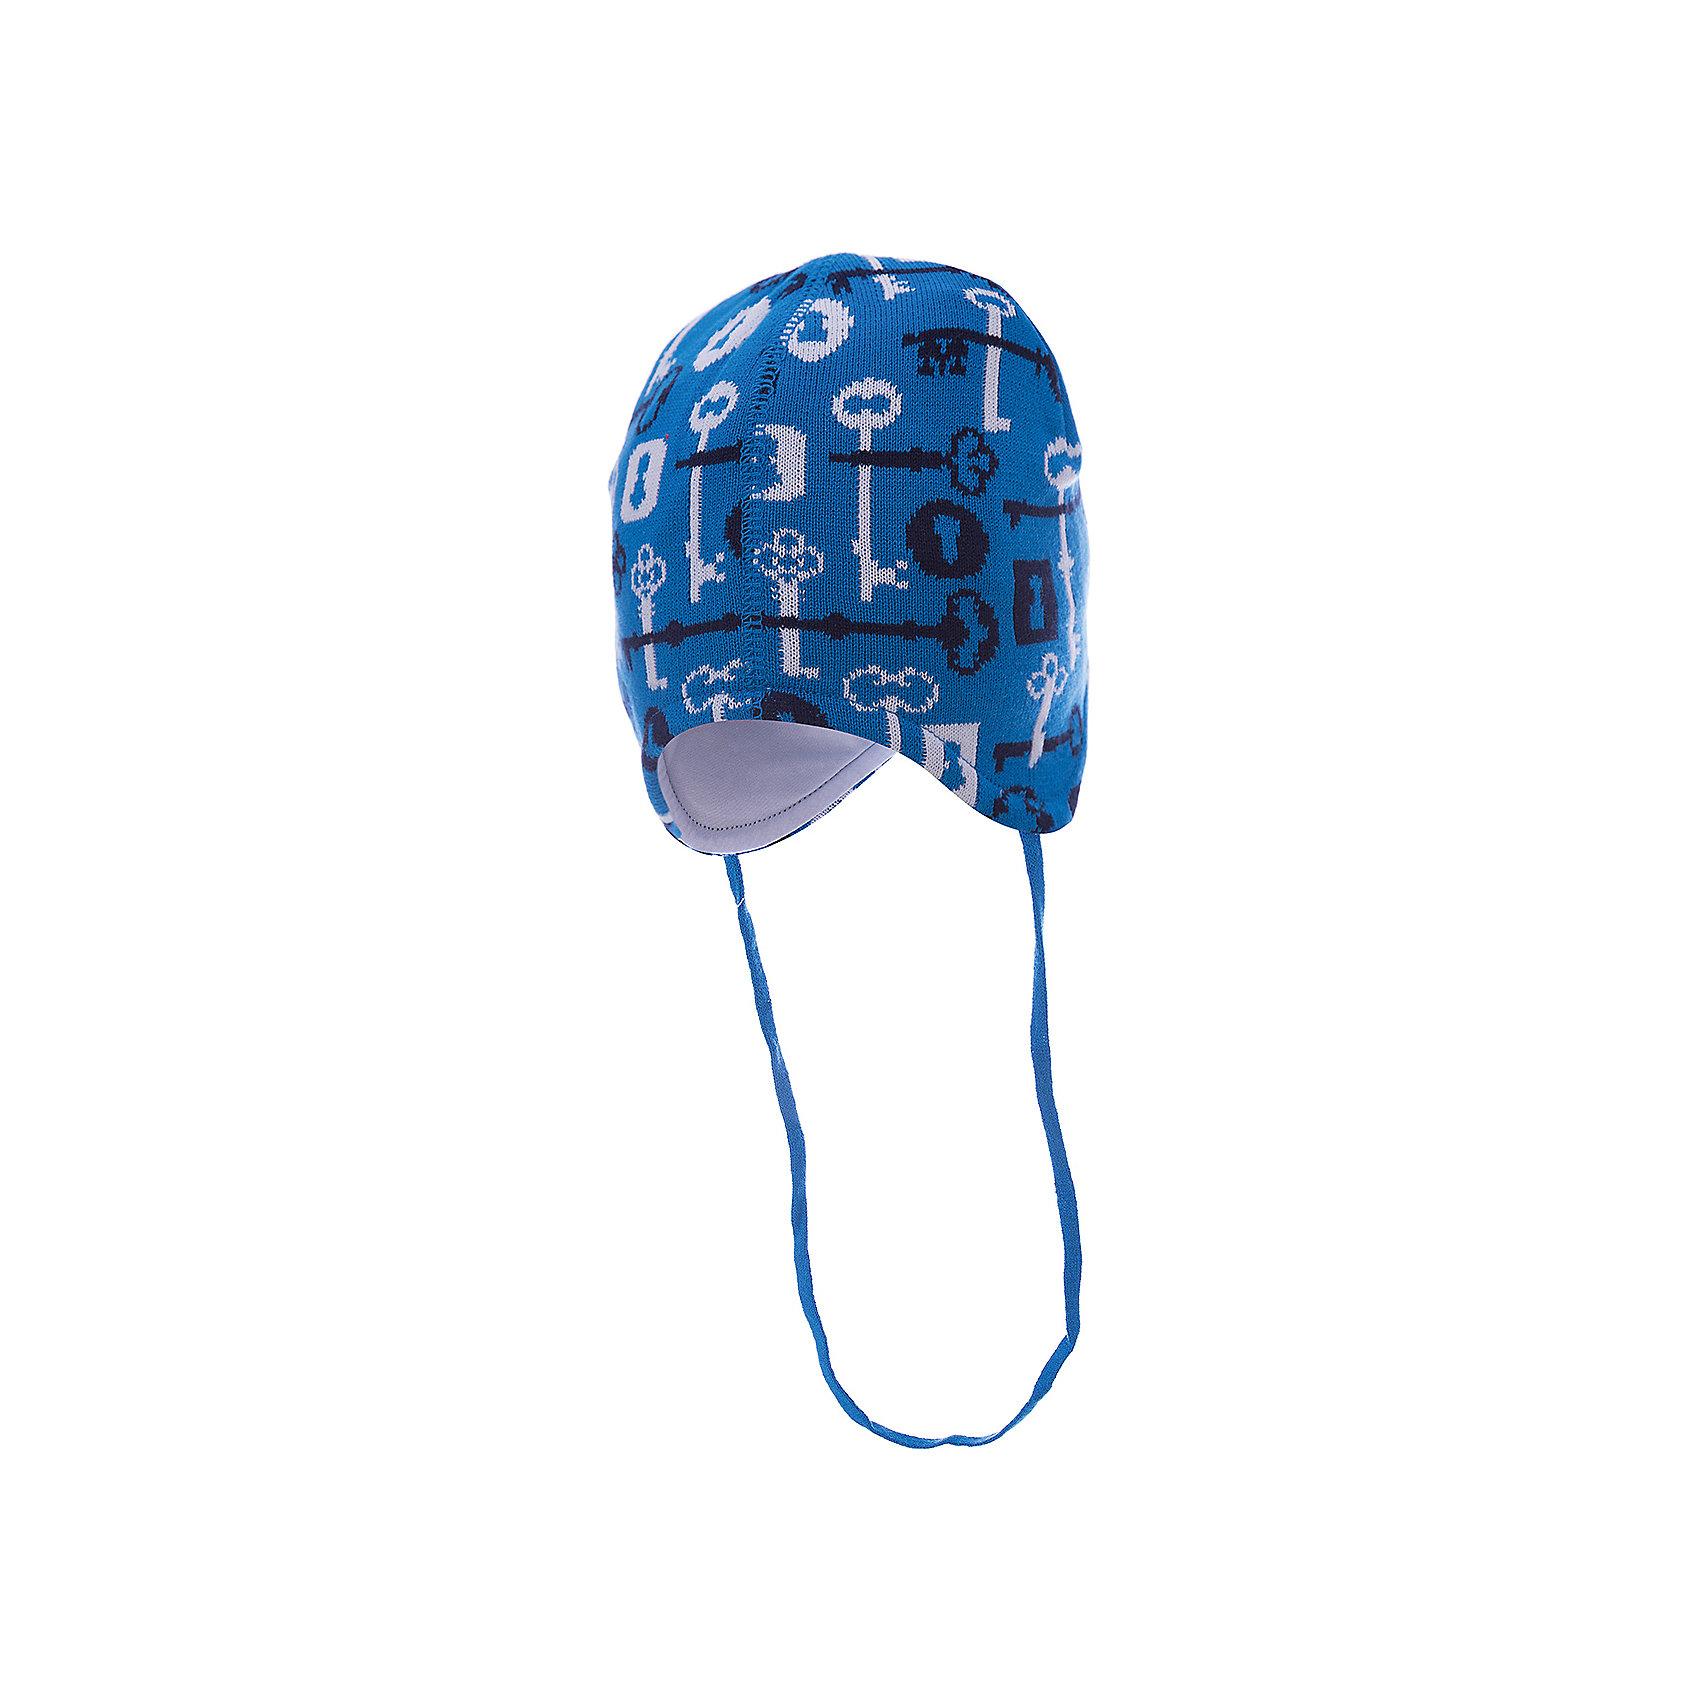 Шапка для мальчика АртельШапочки<br>Шапка для мальчика от торговой марки Артель <br><br>Теплая шапка для малышей отлично смотрится на детях и комфортно сидит. Изделие выполнено из качественных материалов, вязка плотная. Натуральный хлопок обеспечит износостойкость и удобство. Отличный вариант для переменной погоды межсезонья! <br>Одежда от бренда Артель – это высокое качество по приемлемой цене и всегда продуманный дизайн. <br><br>Особенности модели: <br>- цвет — голубой; <br>- есть завязки; <br>- украшена принтом; <br>- подкладка — натуральный хлопок. <br><br>Дополнительная информация: <br><br>Состав: верх — 50%хлопок, 50% пан, подкладка - 100% хлопок.<br><br><br>Температурный режим: <br>От -5 °C до +10 °C <br><br>Шапку для мальчика Артель (Artel) можно купить в нашем магазине.<br><br>Ширина мм: 89<br>Глубина мм: 117<br>Высота мм: 44<br>Вес г: 155<br>Цвет: голубой<br>Возраст от месяцев: 3<br>Возраст до месяцев: 4<br>Пол: Мужской<br>Возраст: Детский<br>Размер: 42,48,46,44<br>SKU: 4500500